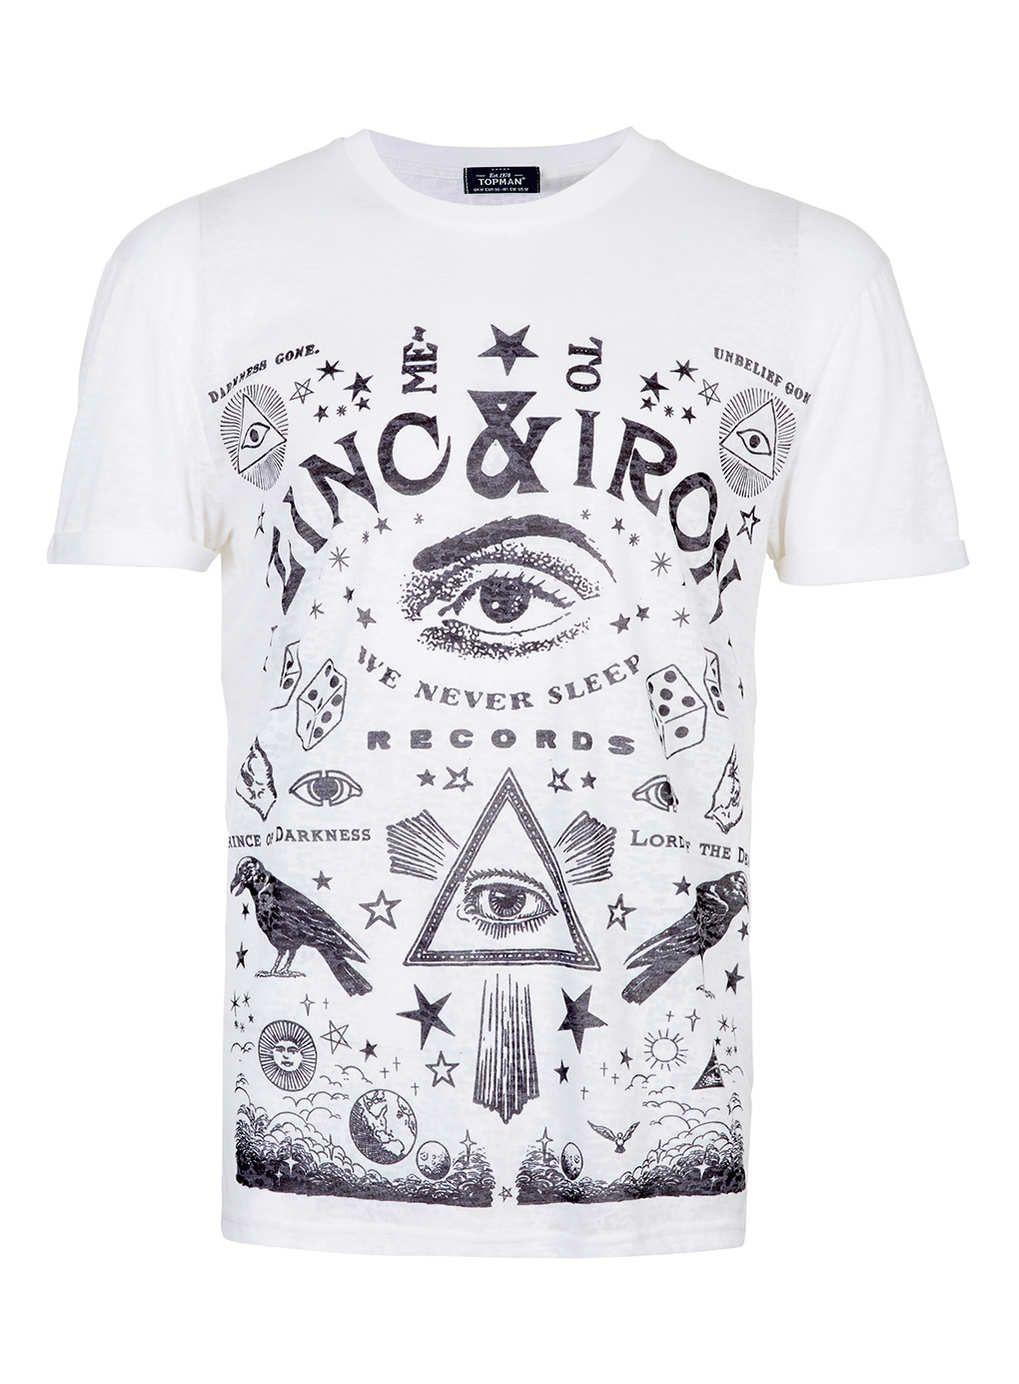 Zinc shirt design - White Burnout Zinc T Shirt Men S T Shirts Tanks Clothing